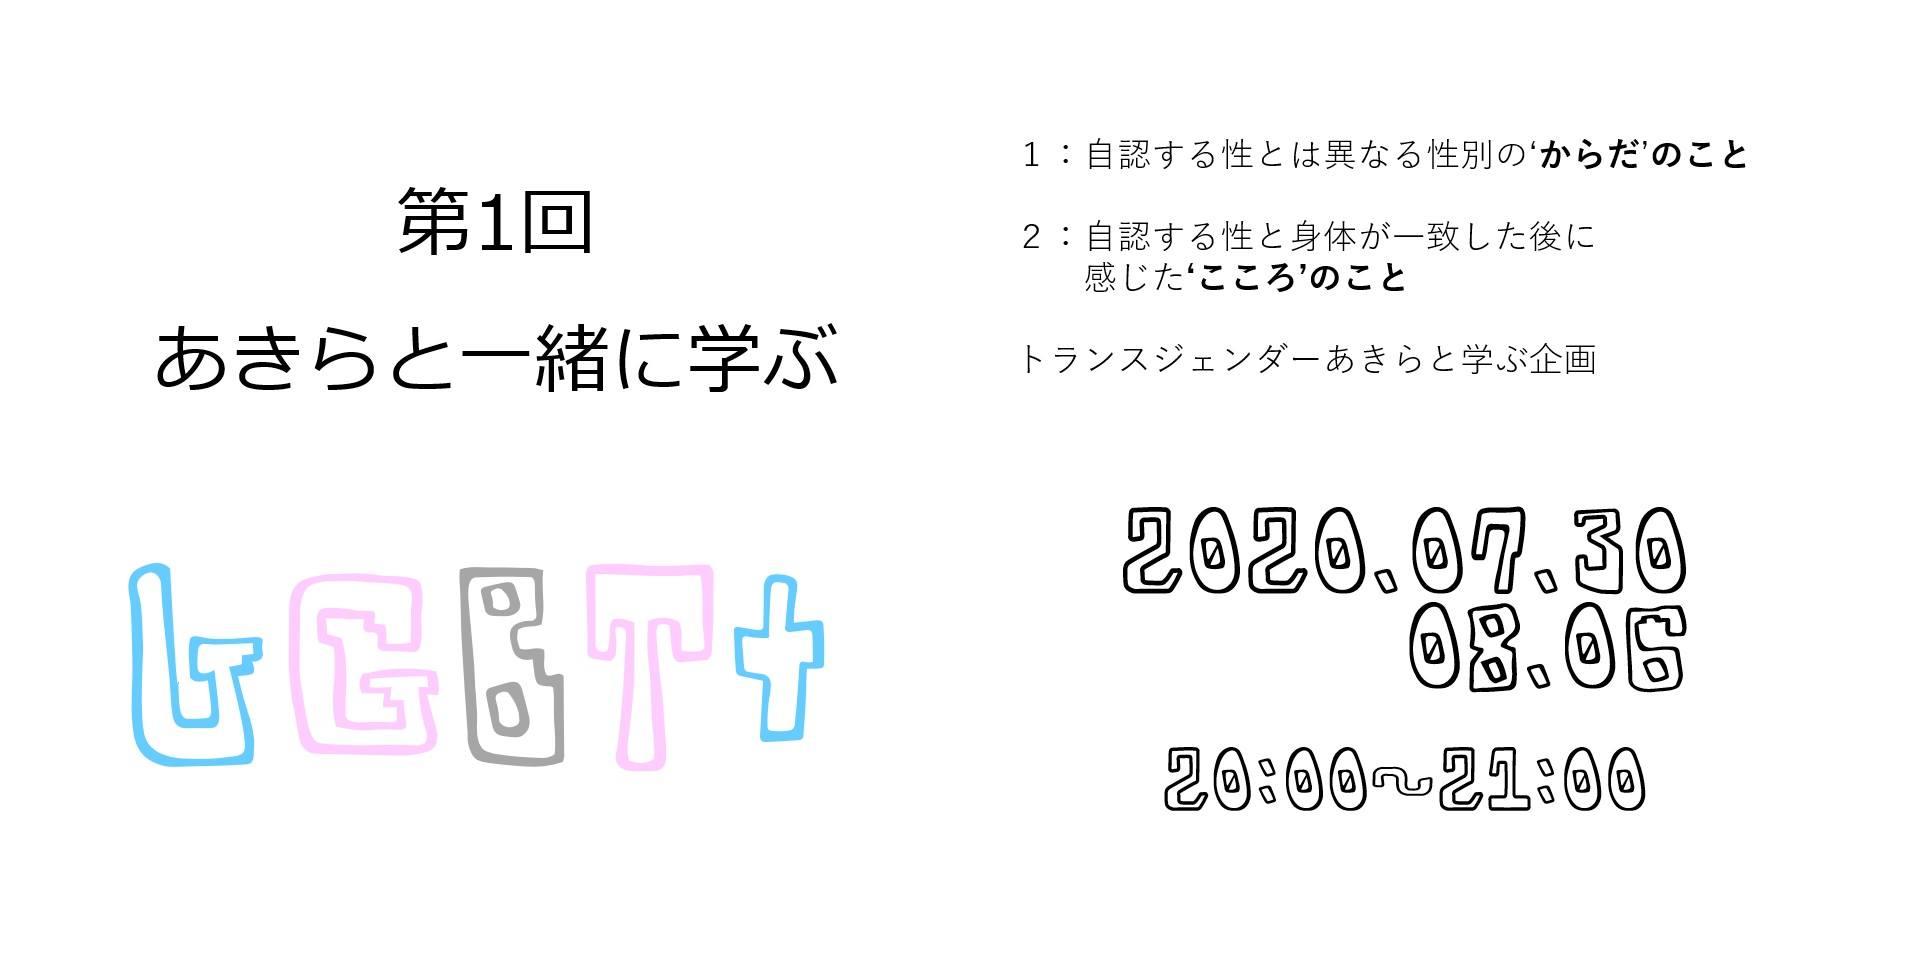 あきらと一緒に学ぶLGBT+